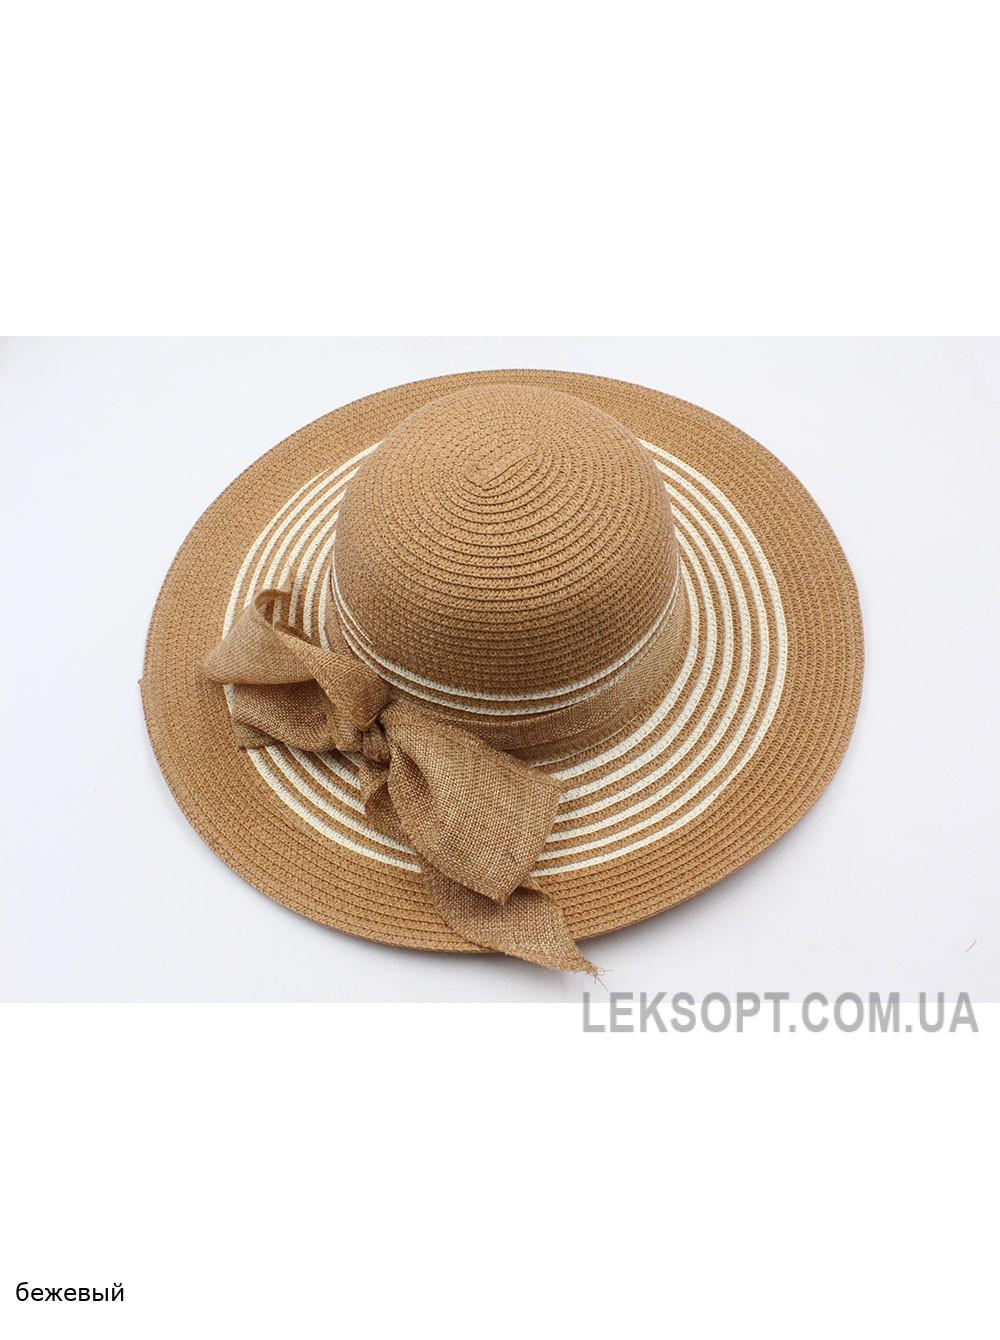 Шляпа D1-1-315-56-58